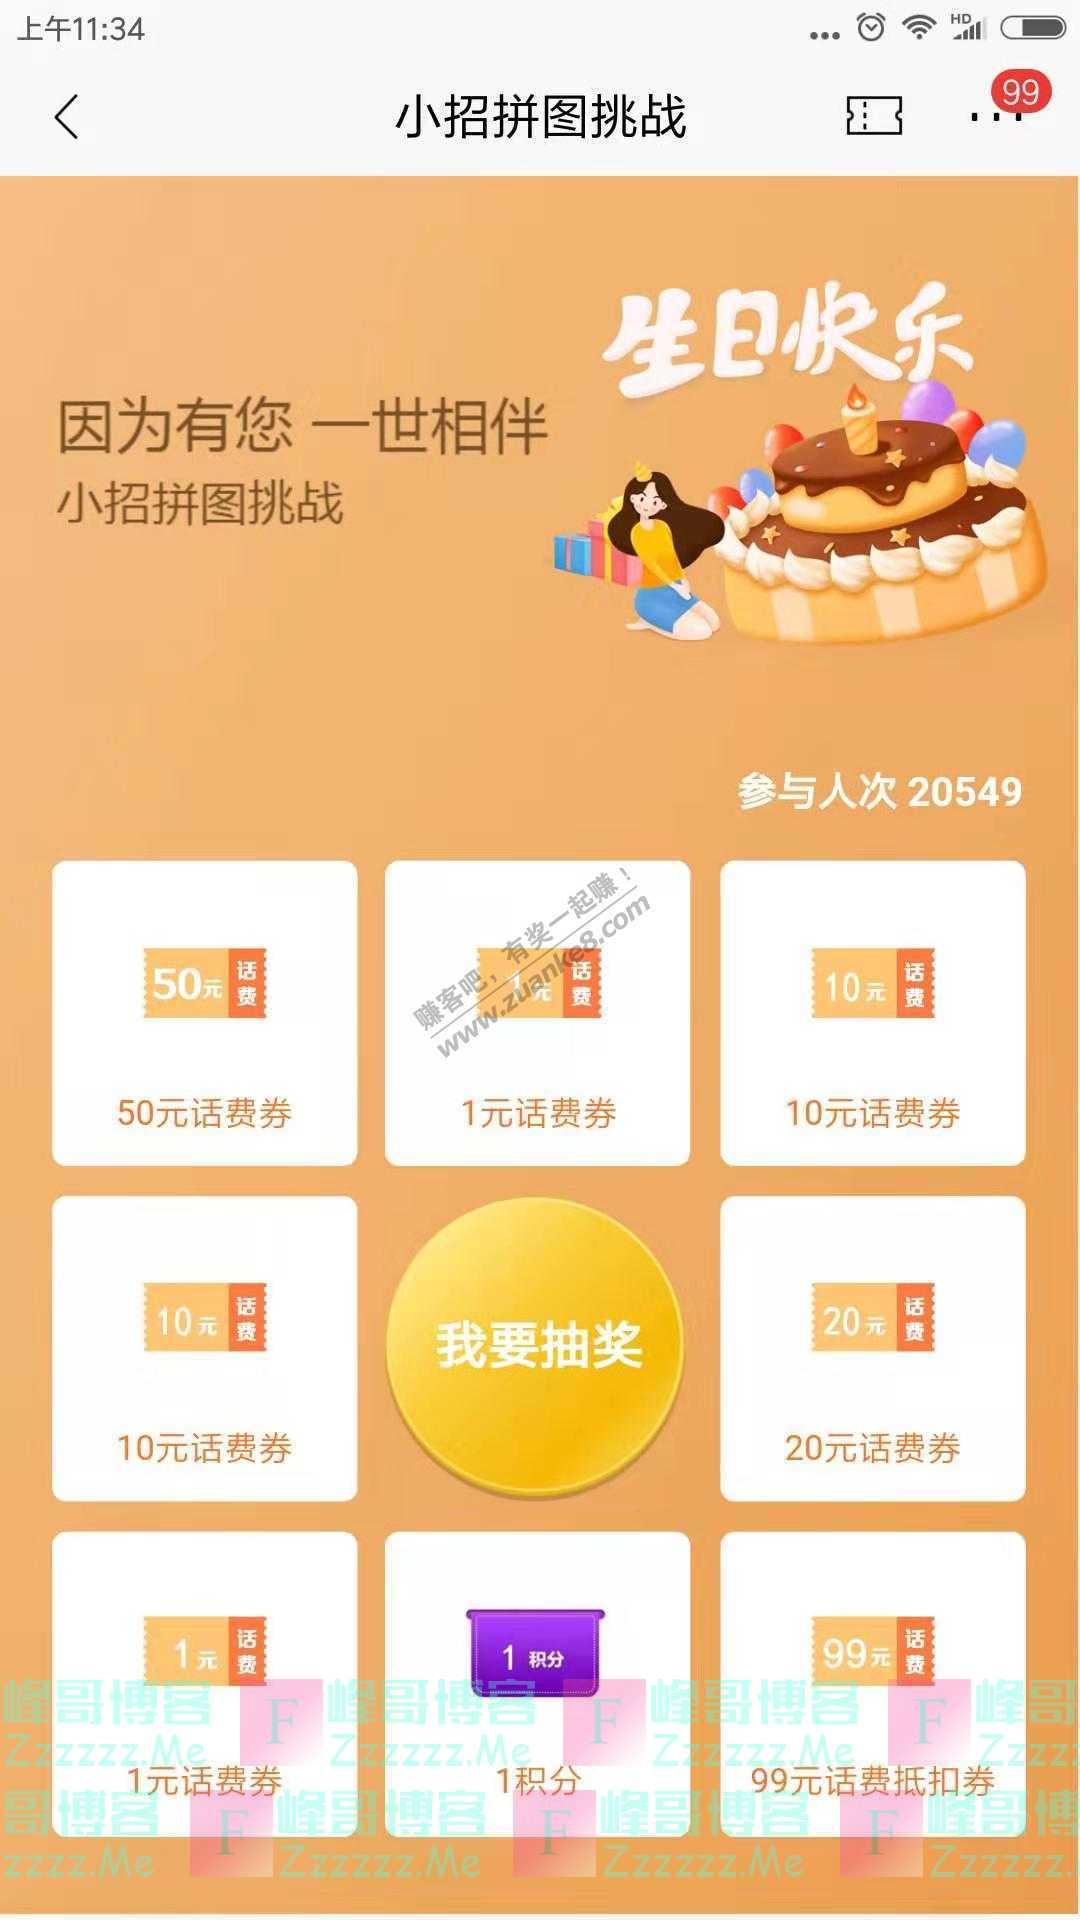 招商银行app小招拼图挑战(截止11月30日)